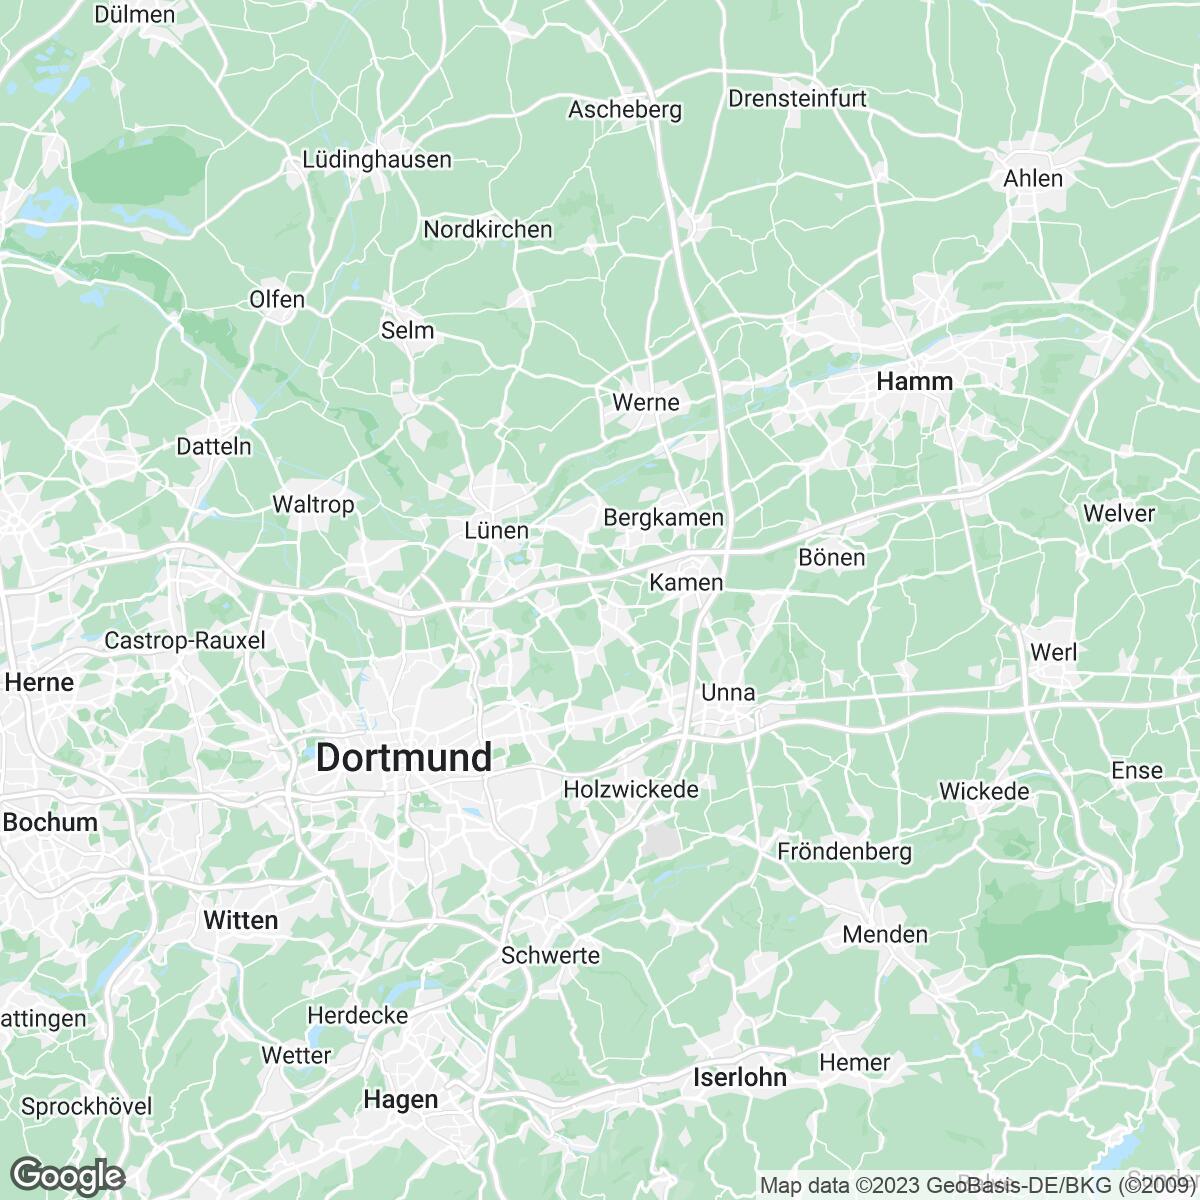 Verkaufsgebiet der Zeitungen mrw Mediaregion Ruhrgebiet / Westfalen (Lensing/Lokale Vermarktung)